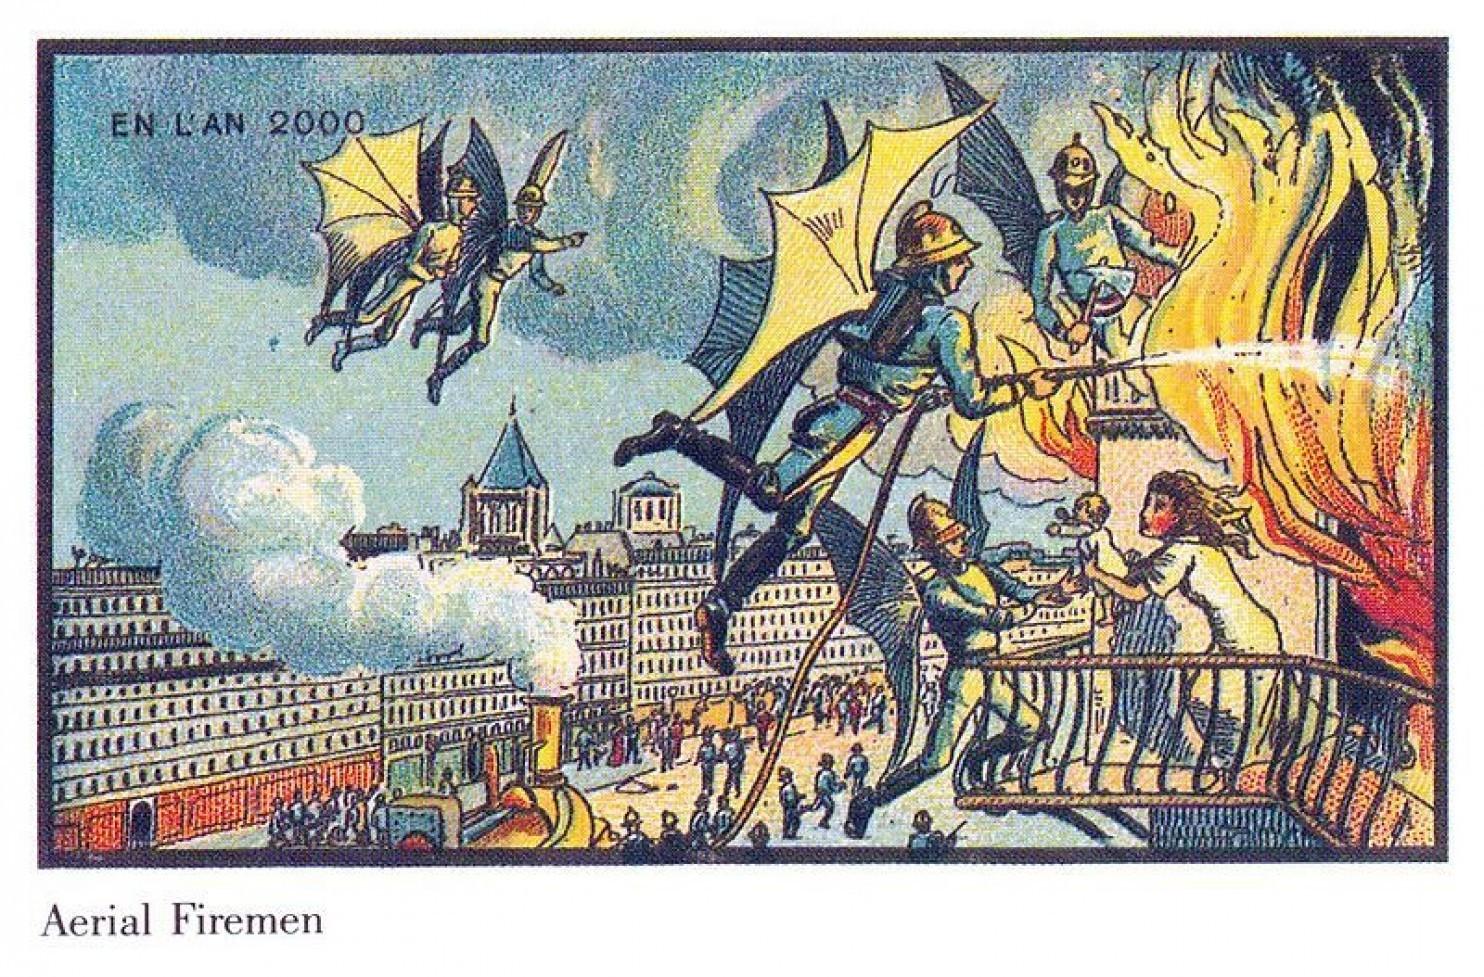 como imaginaban el futuro en 1900 ilustraciones 15